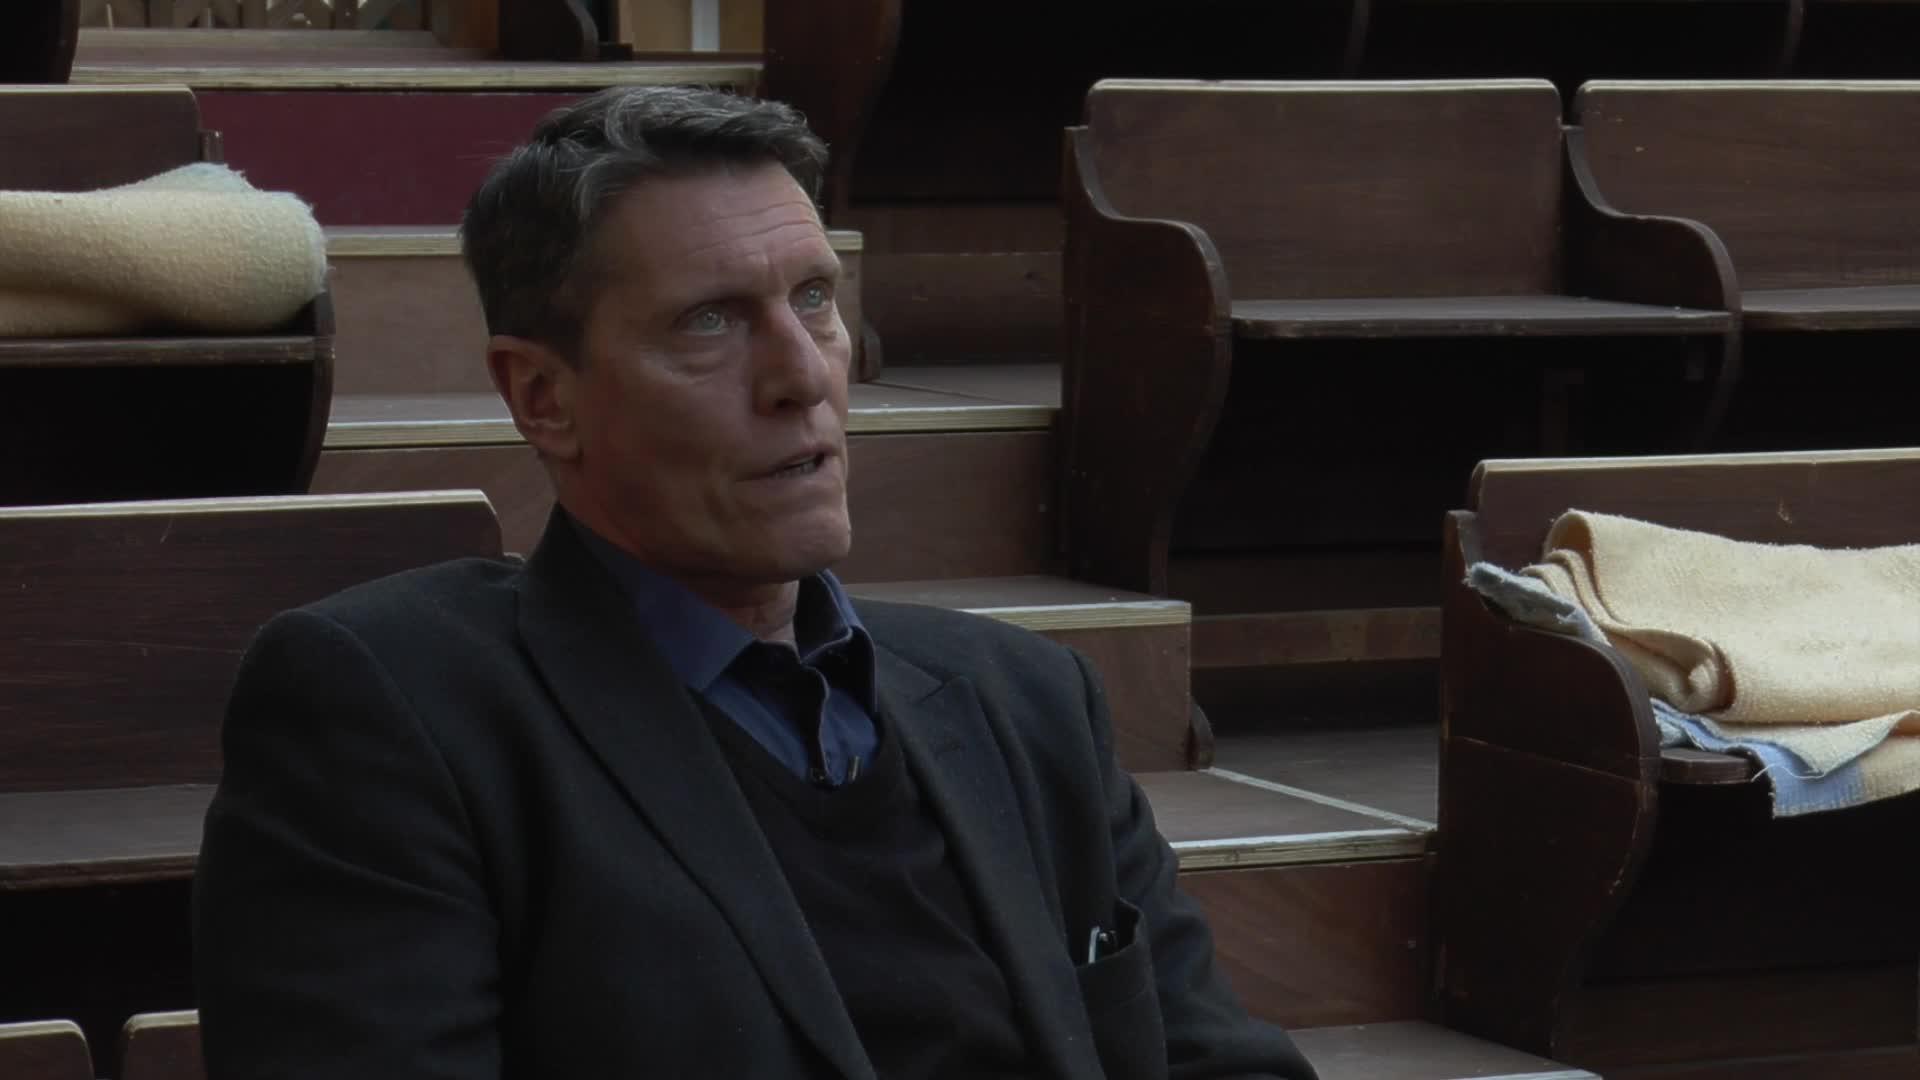 """Vidéo """"Le Crépuscule"""" - Lionel Courtot - Entretien avec Philippe Girard et John Arnold"""